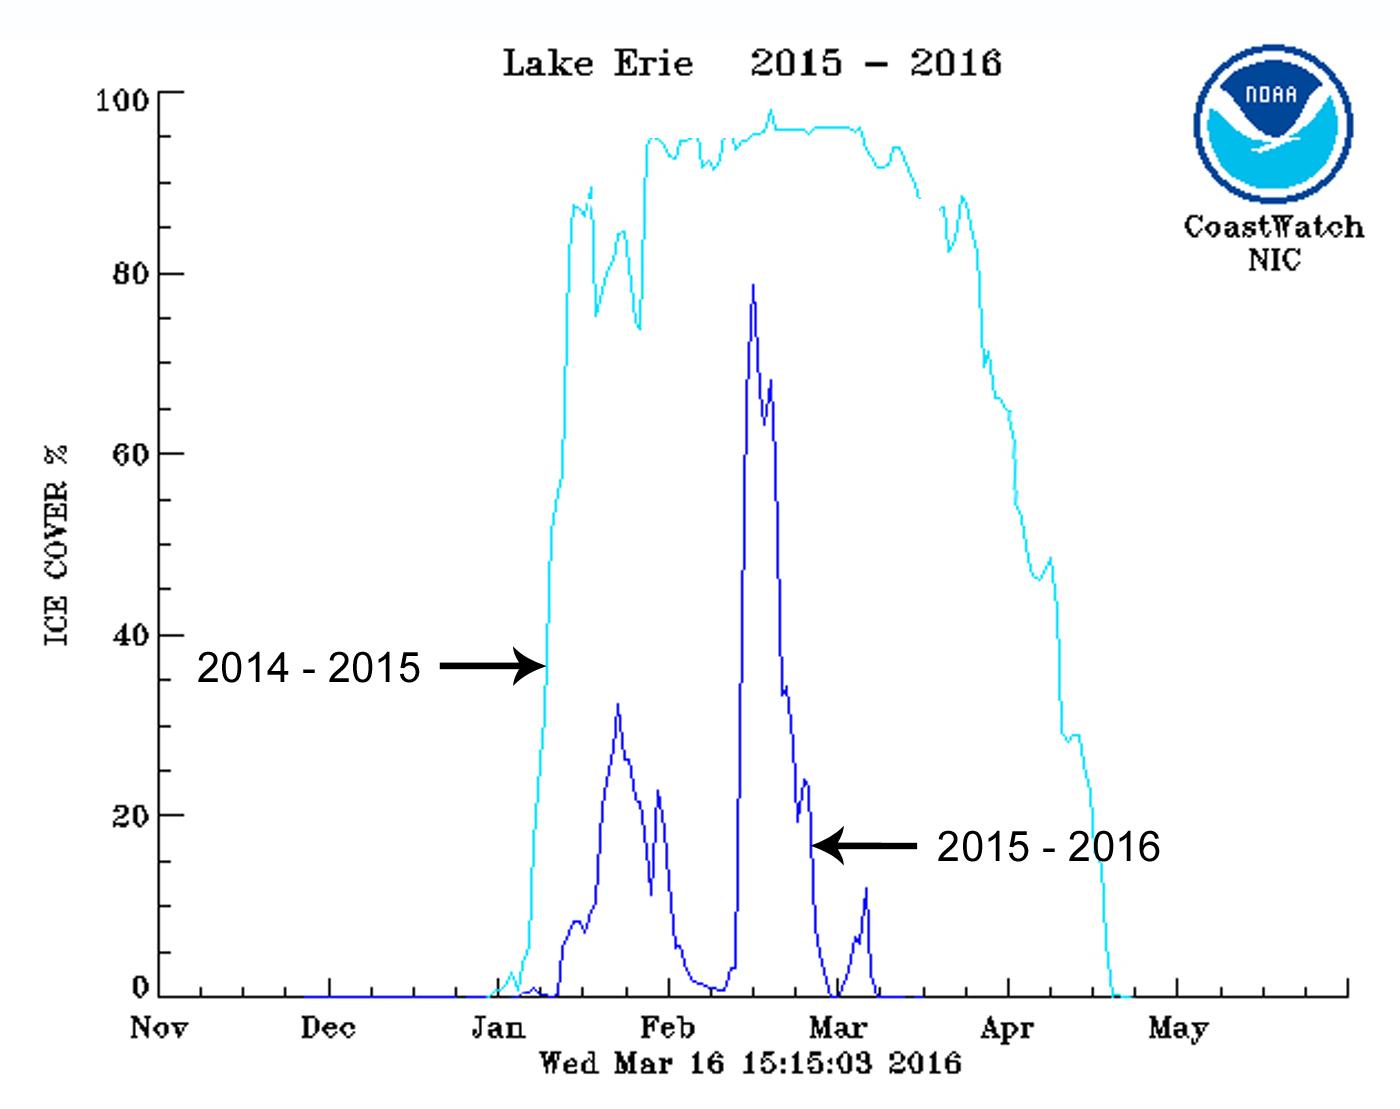 Lake Erie Ice Cover Comparison